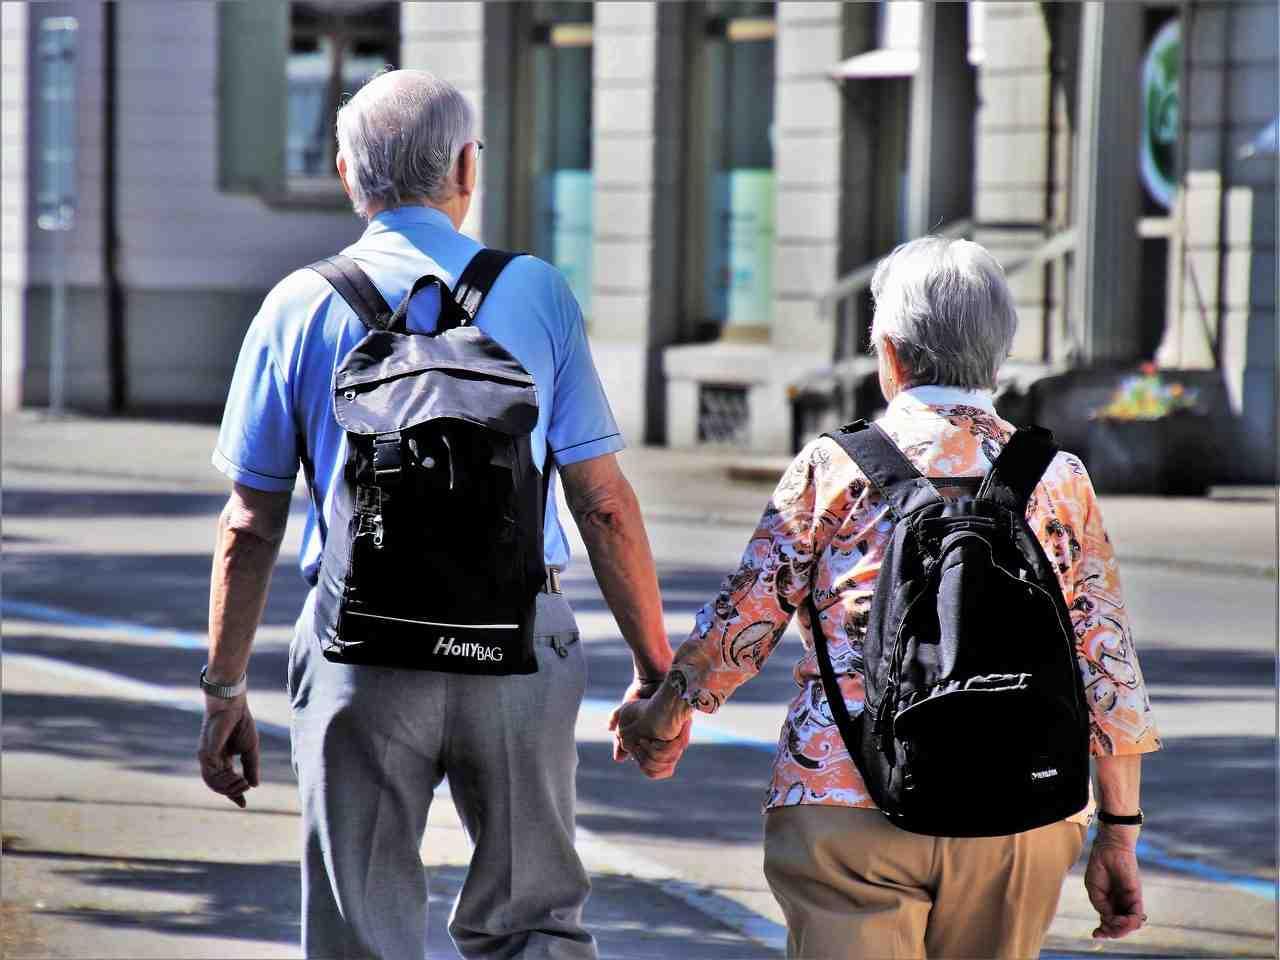 Lavoro dopo pensione: sì con anticipata, no con quota 100